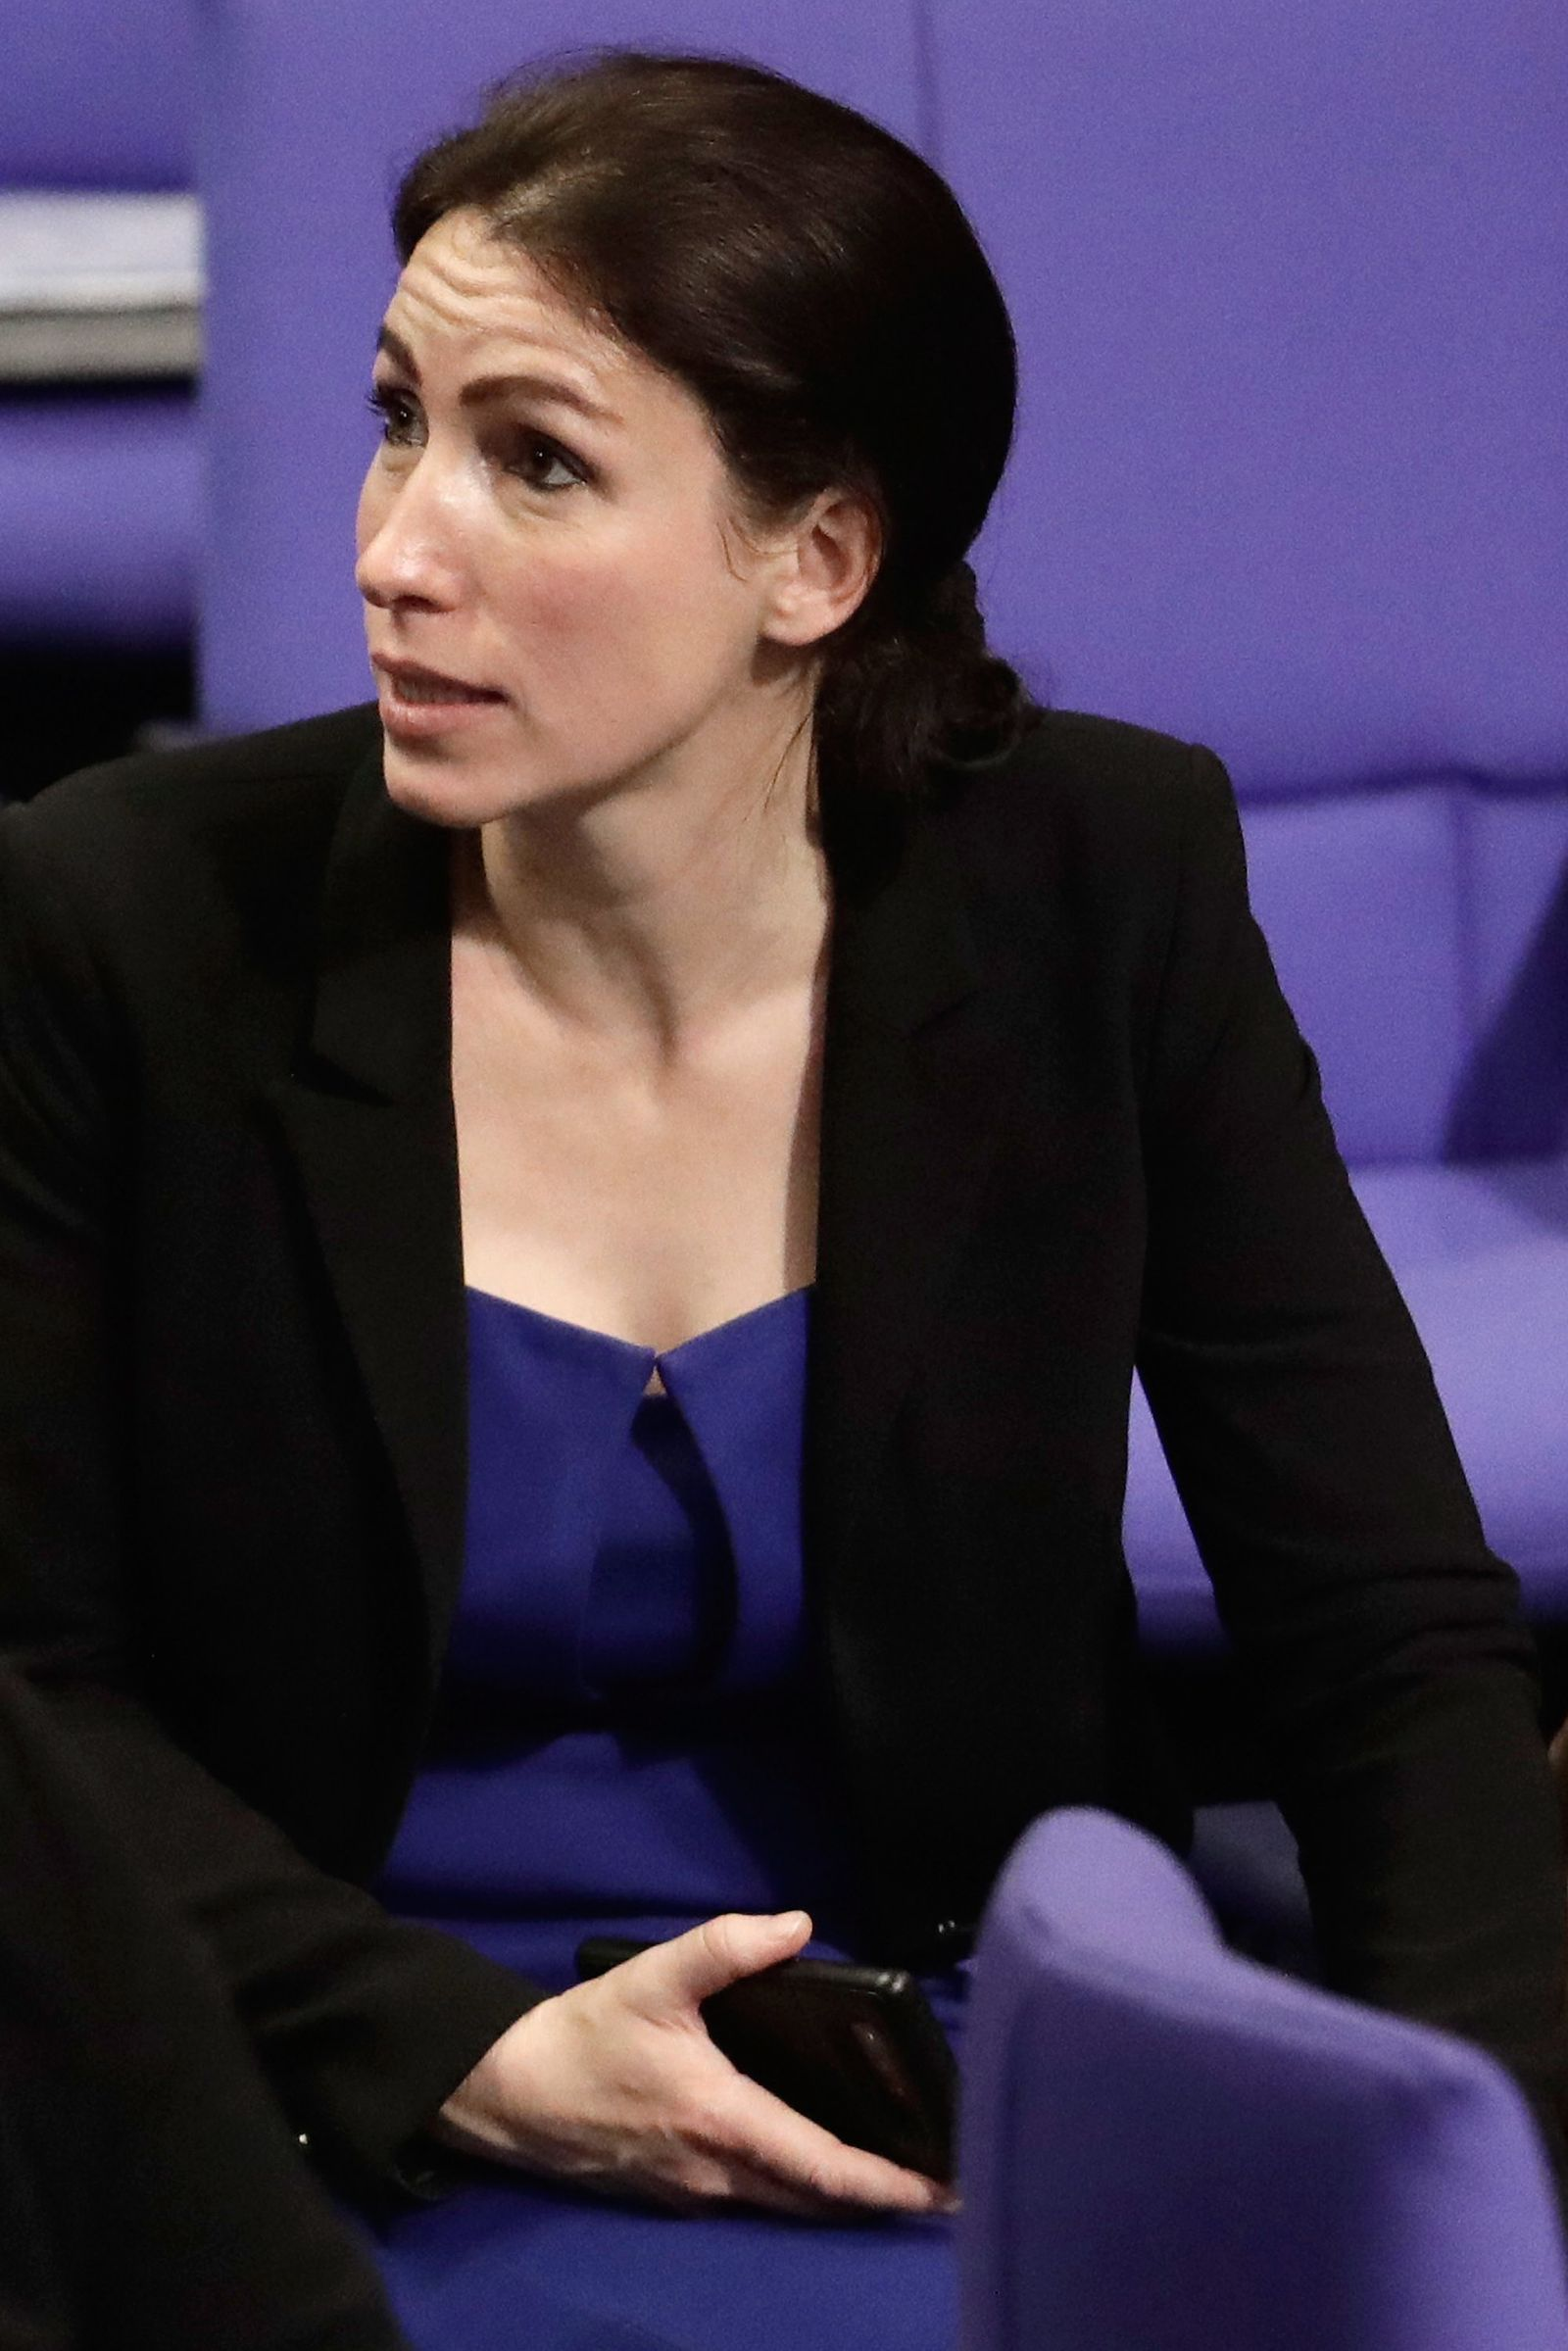 Bundestag Mariana Harder-Kühnel